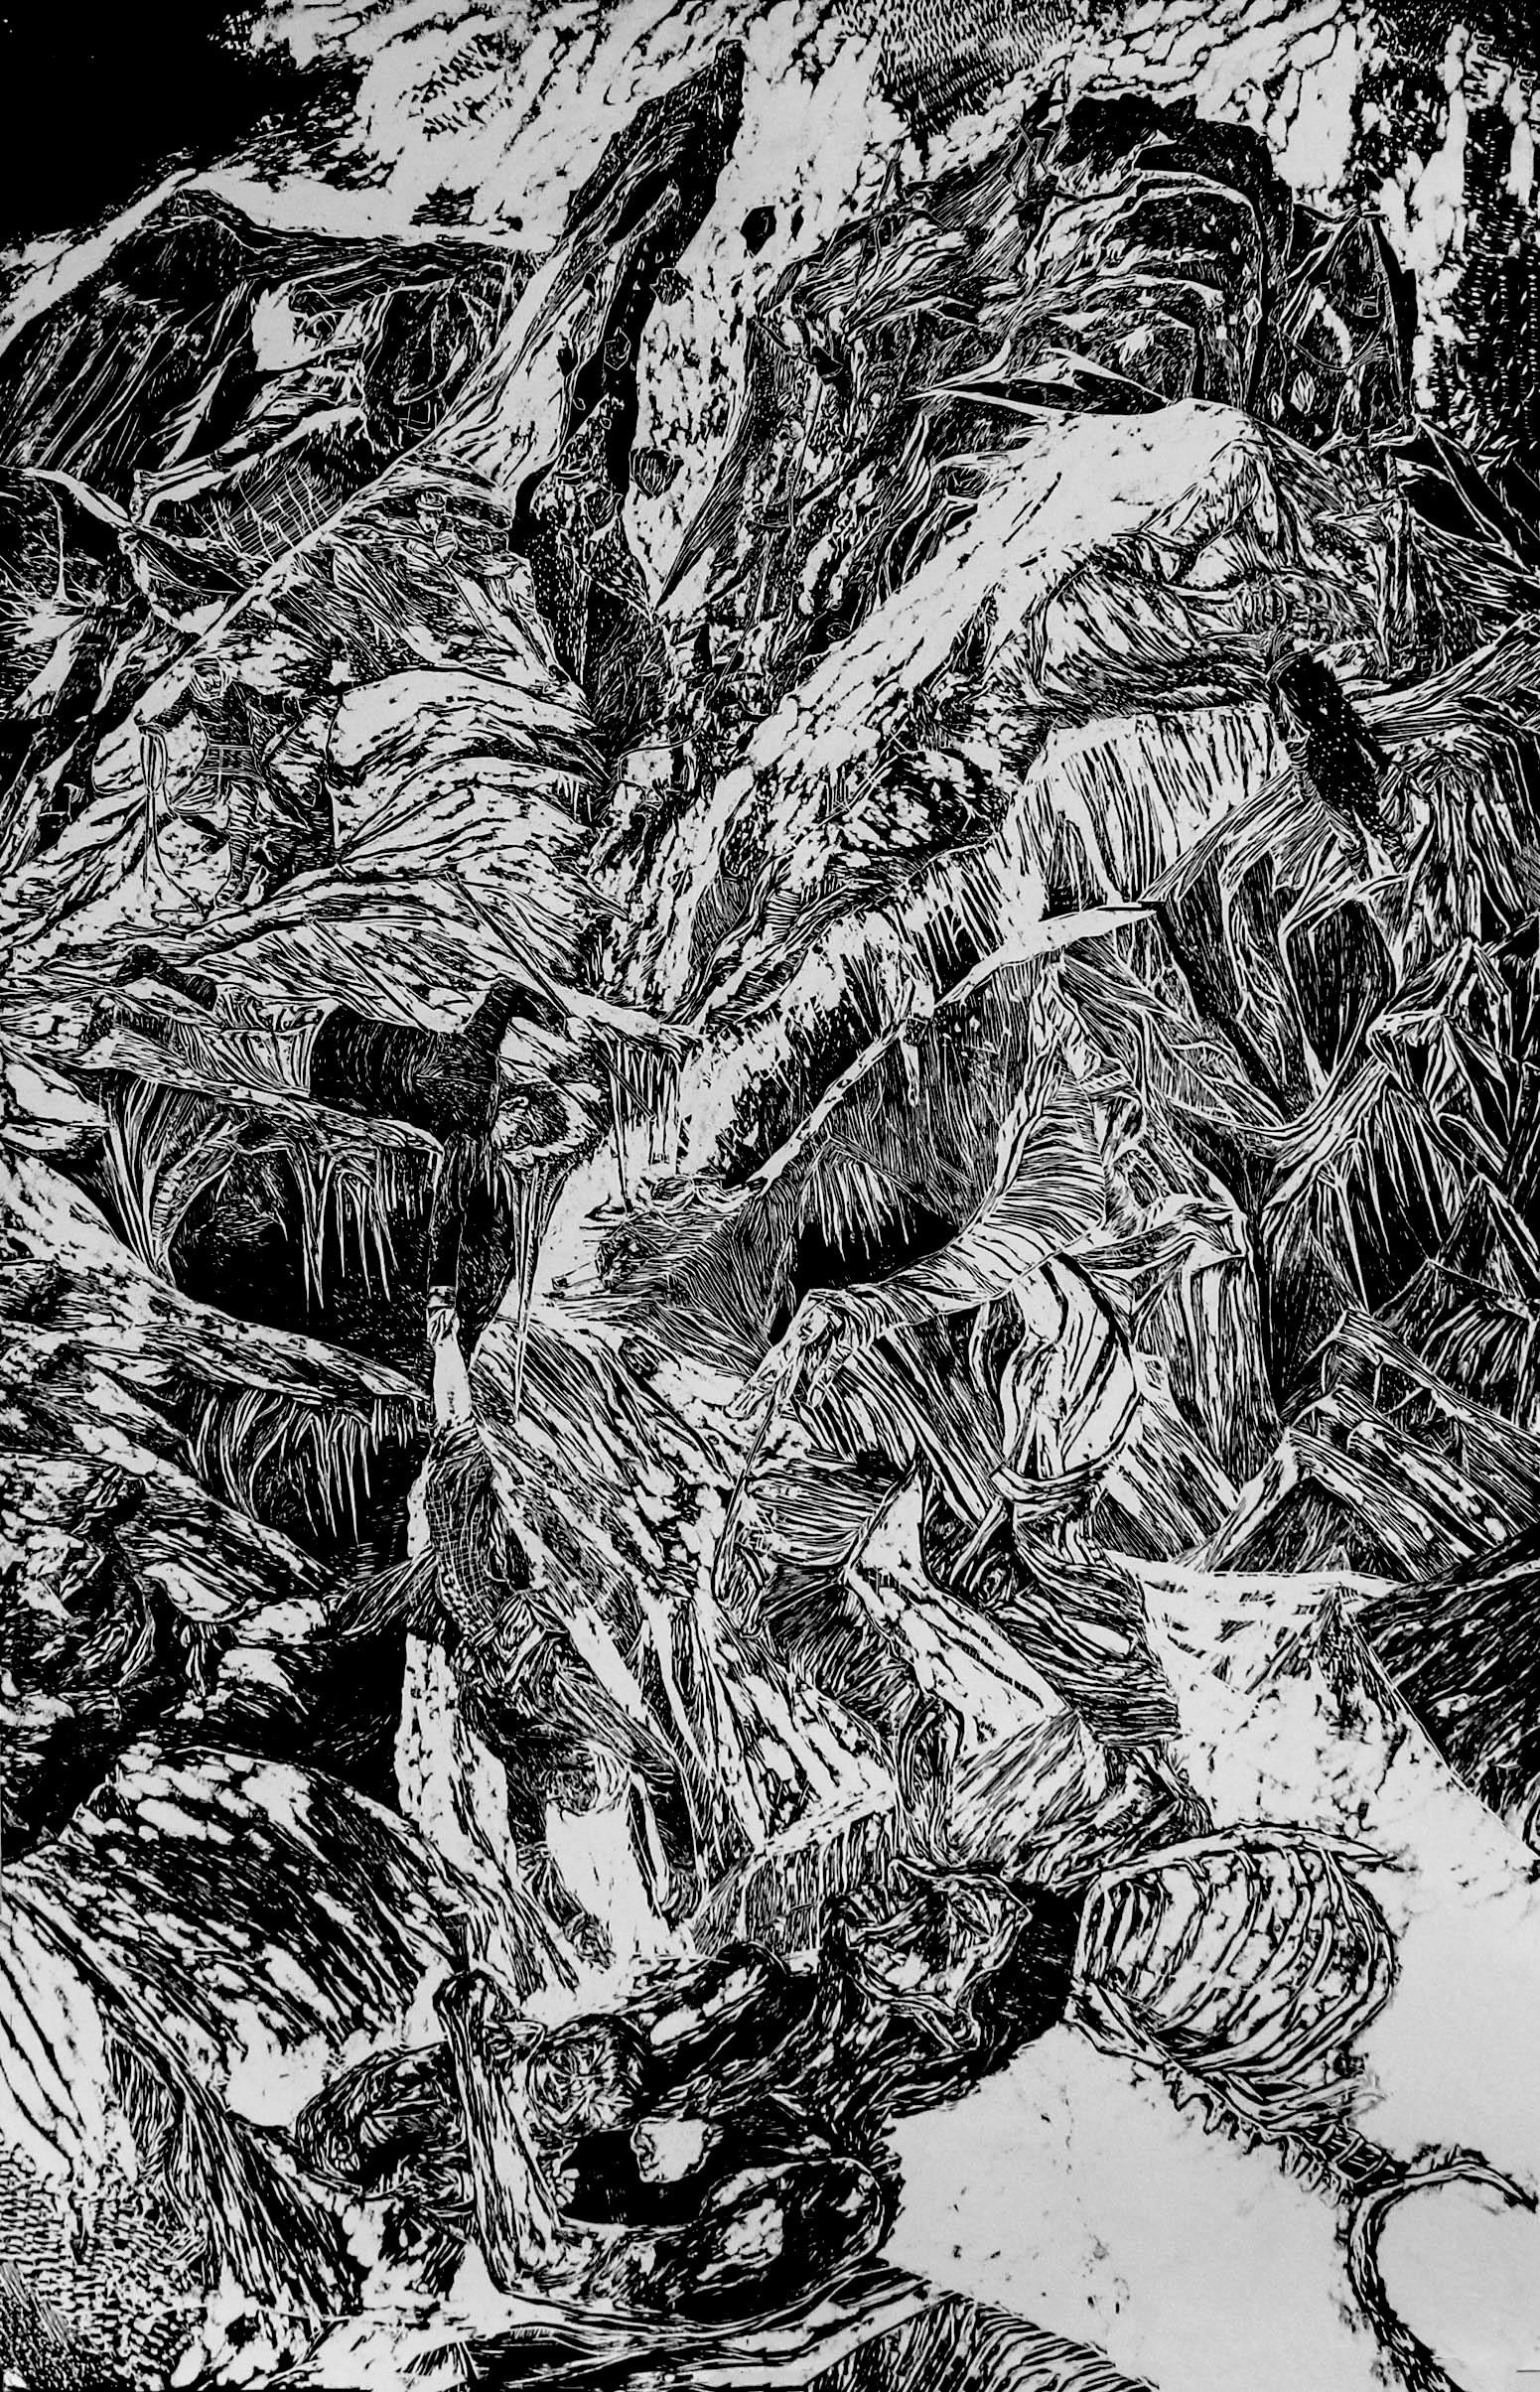 La montagne des rêves évanouis # 4, xylography, 79 x 122 cm